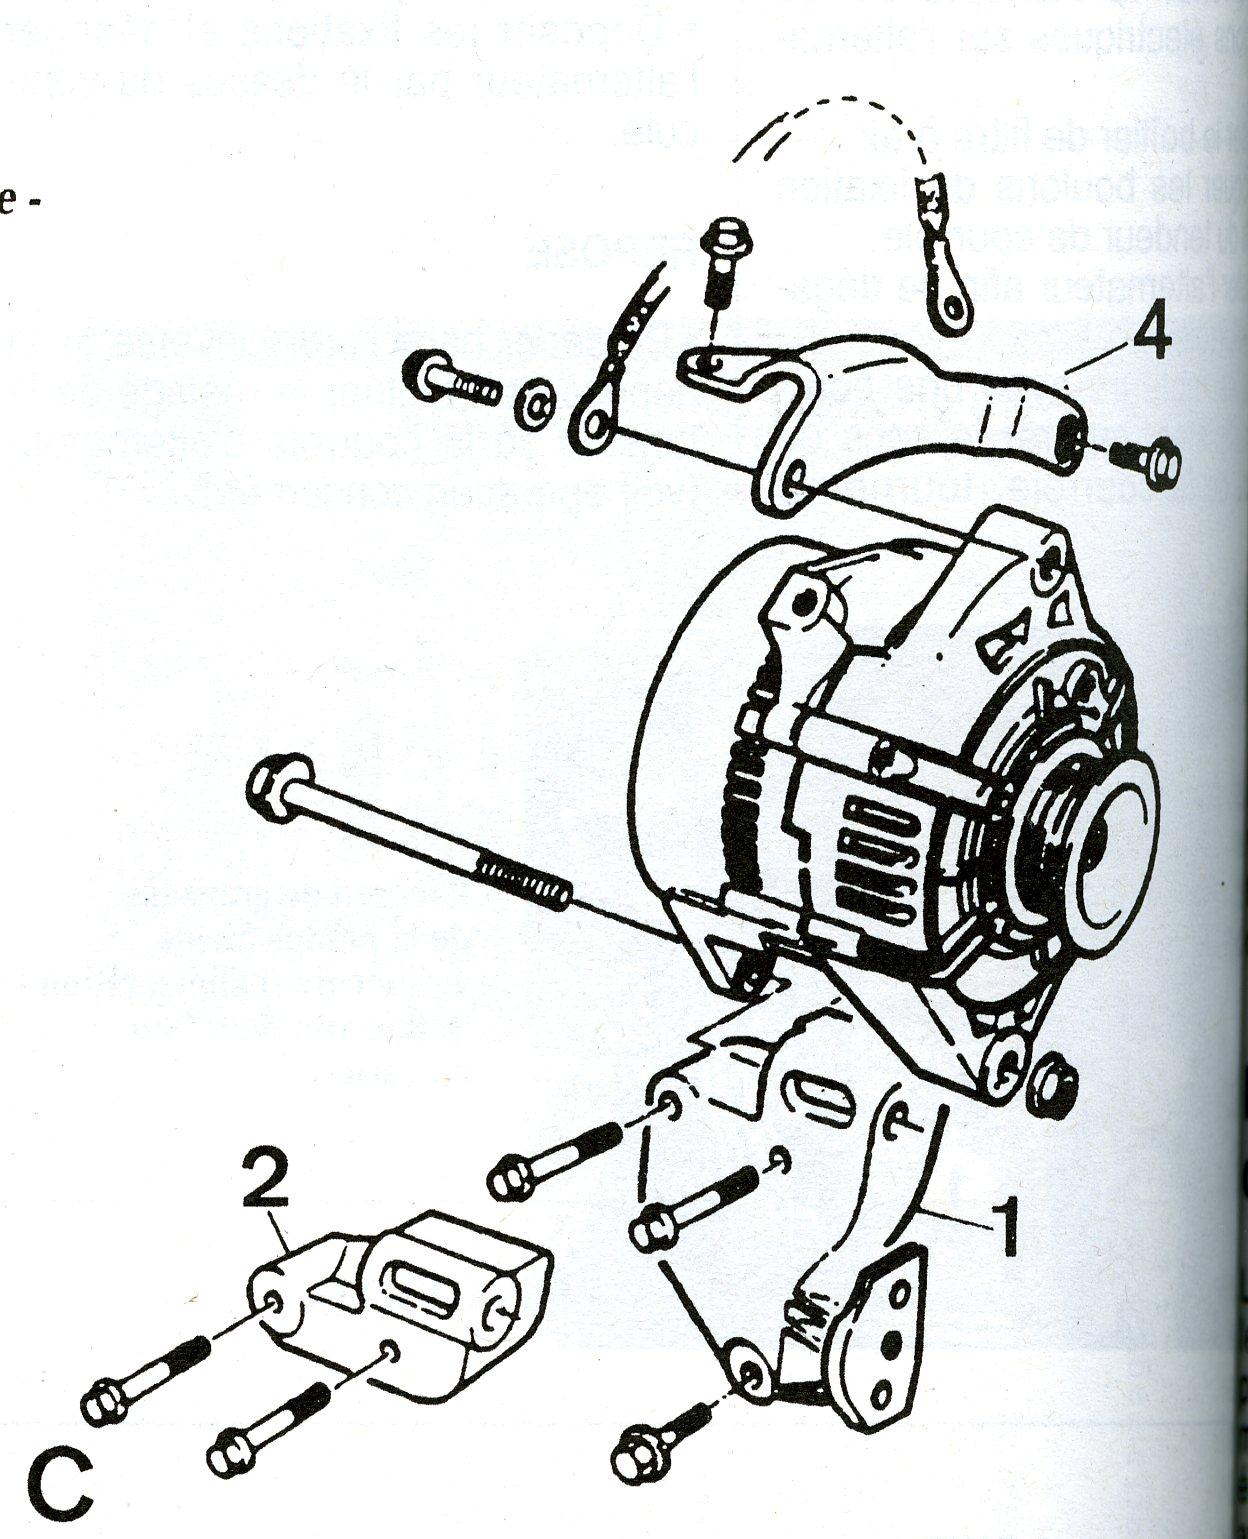 Batterie branchée à l'envers - Opel